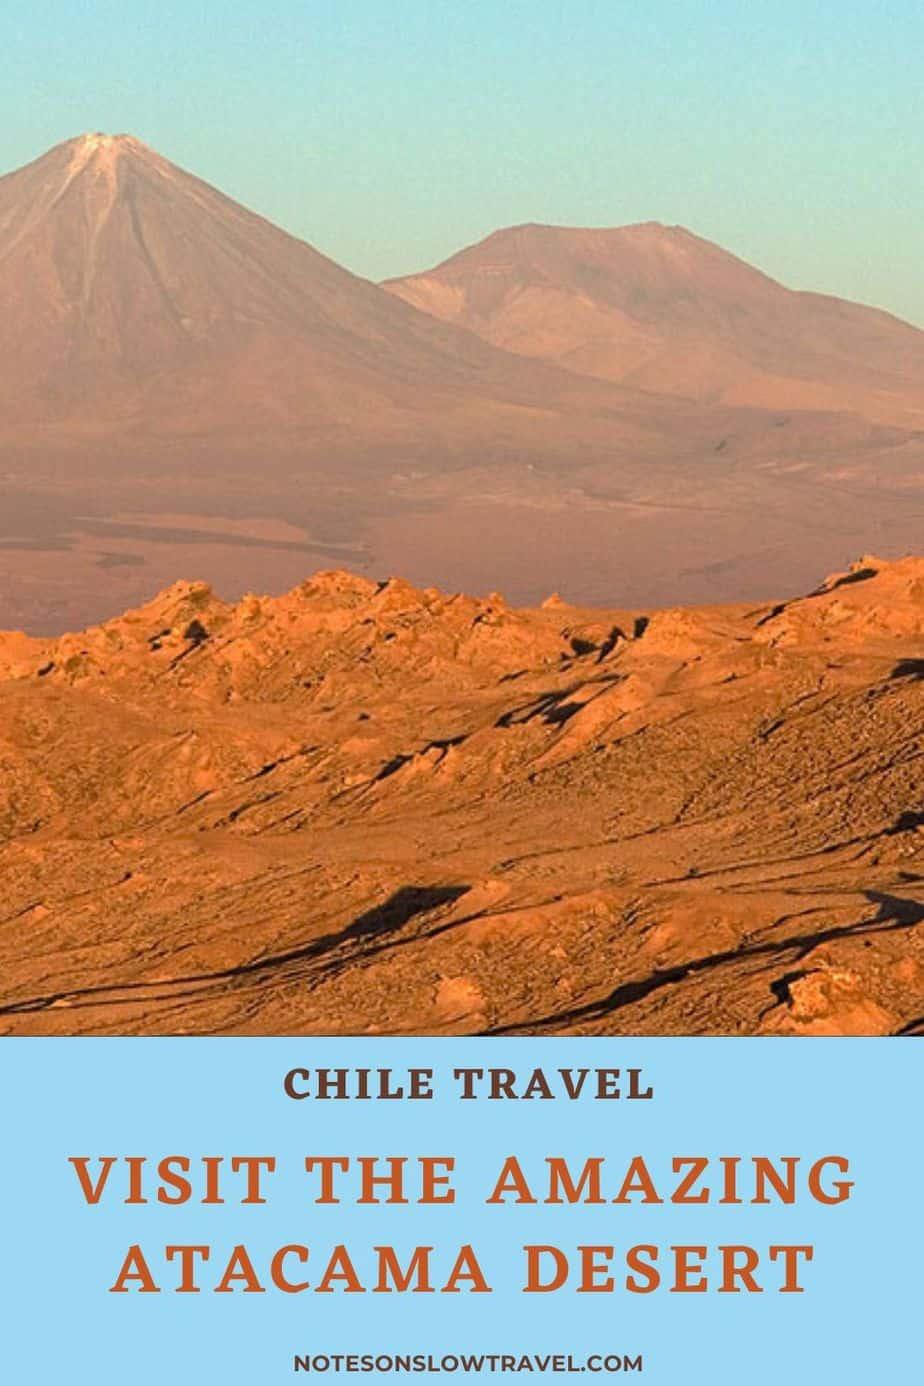 Landscapes of San Pedro Atacama, Chile (©Coen Wubbels)